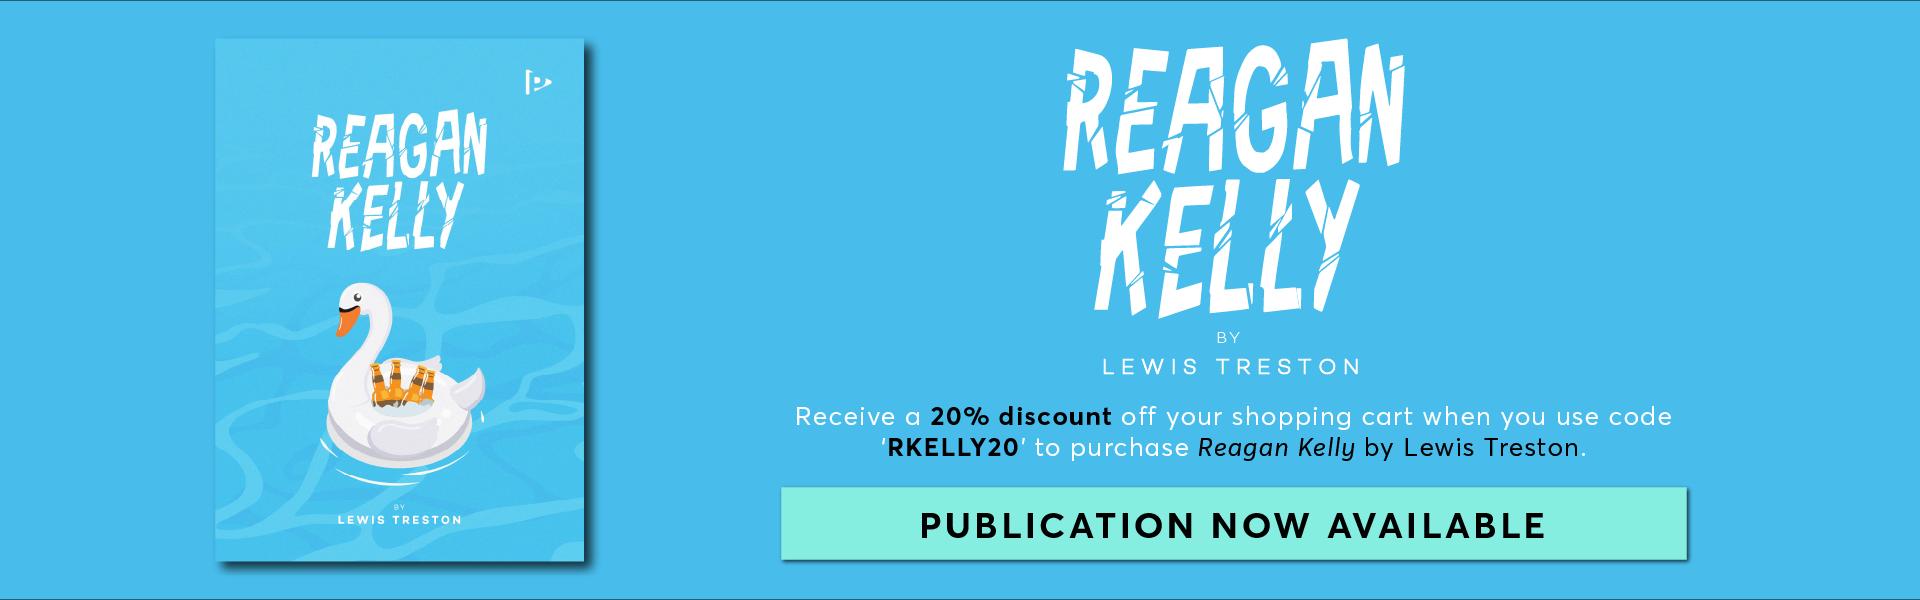 Reagan Kelly by Lewis Treston